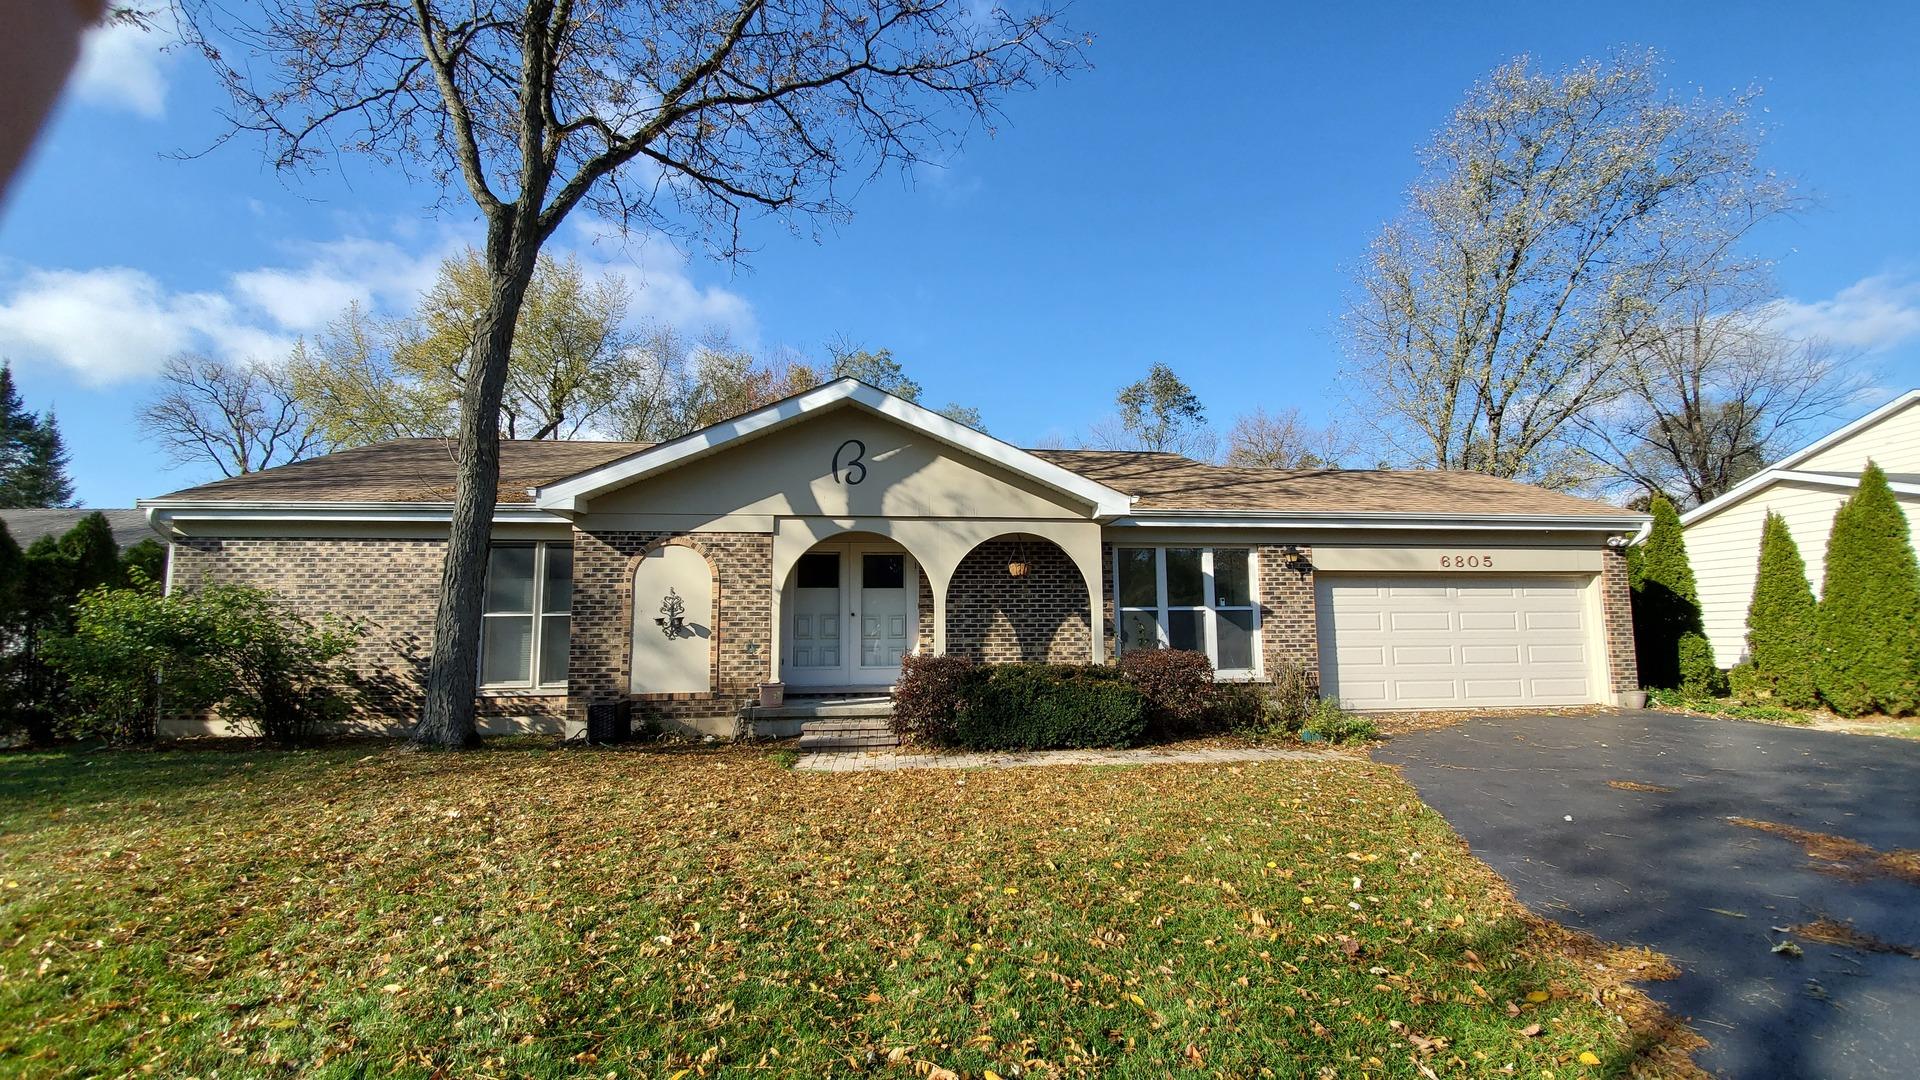 6805 Huntley Road, Crystal Lake, Illinois